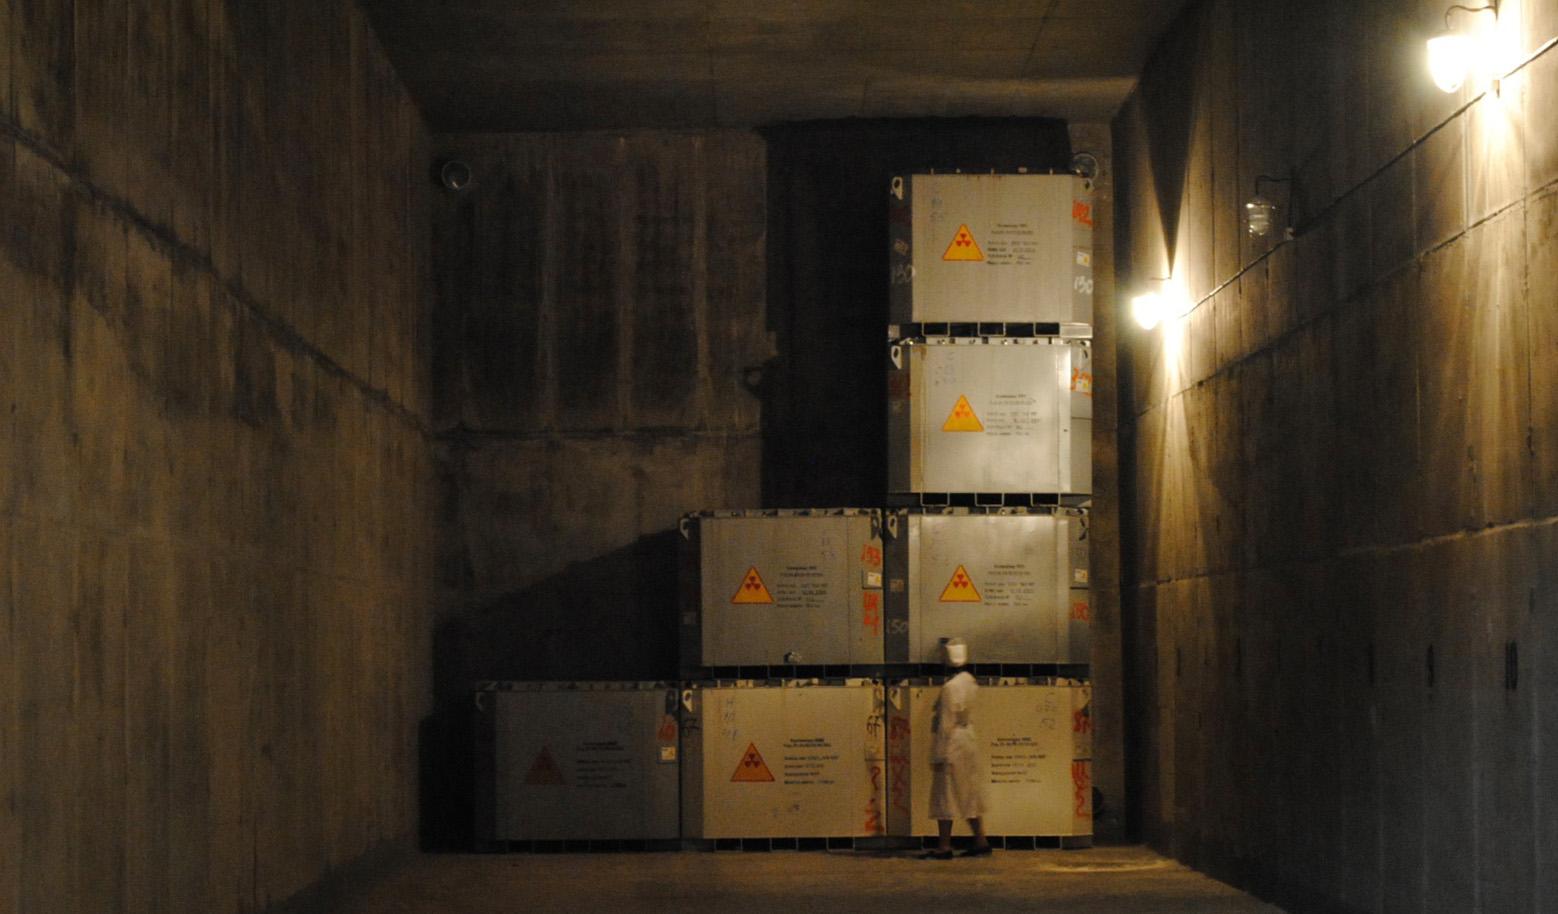 Где хранят и перерабатывают радиоактивные отходы Москвы - 1